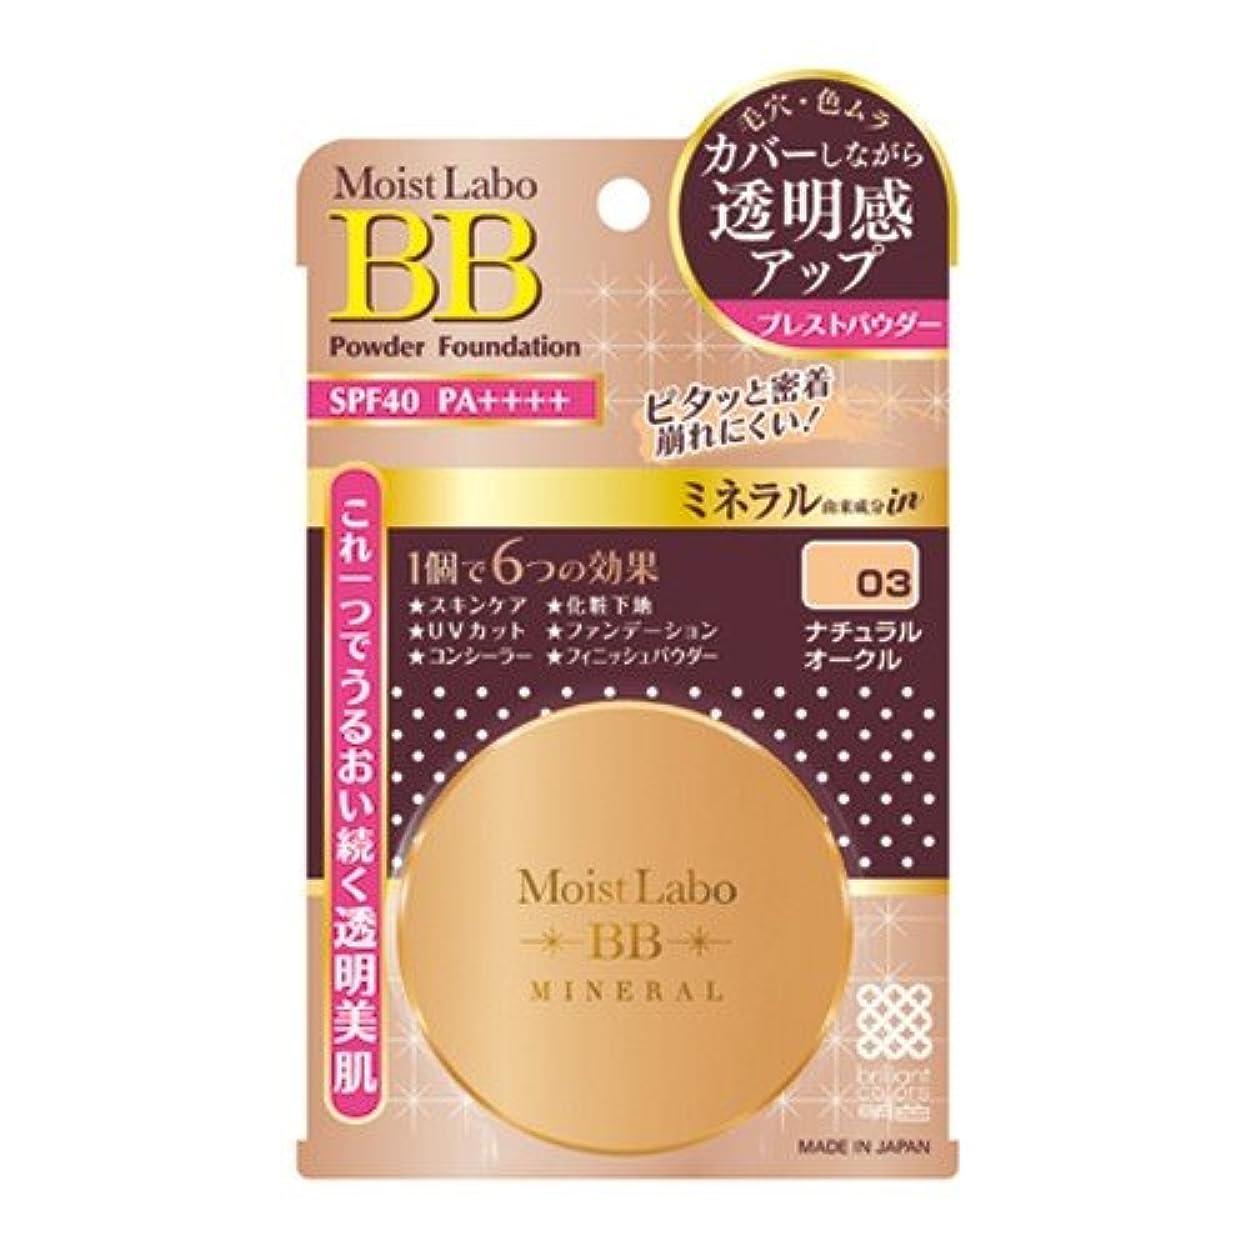 接尾辞ヘビ広々モイストラボBBミネラルプレストパウダー <ナチュラルオークル> (日本製) SPF40 PA++++